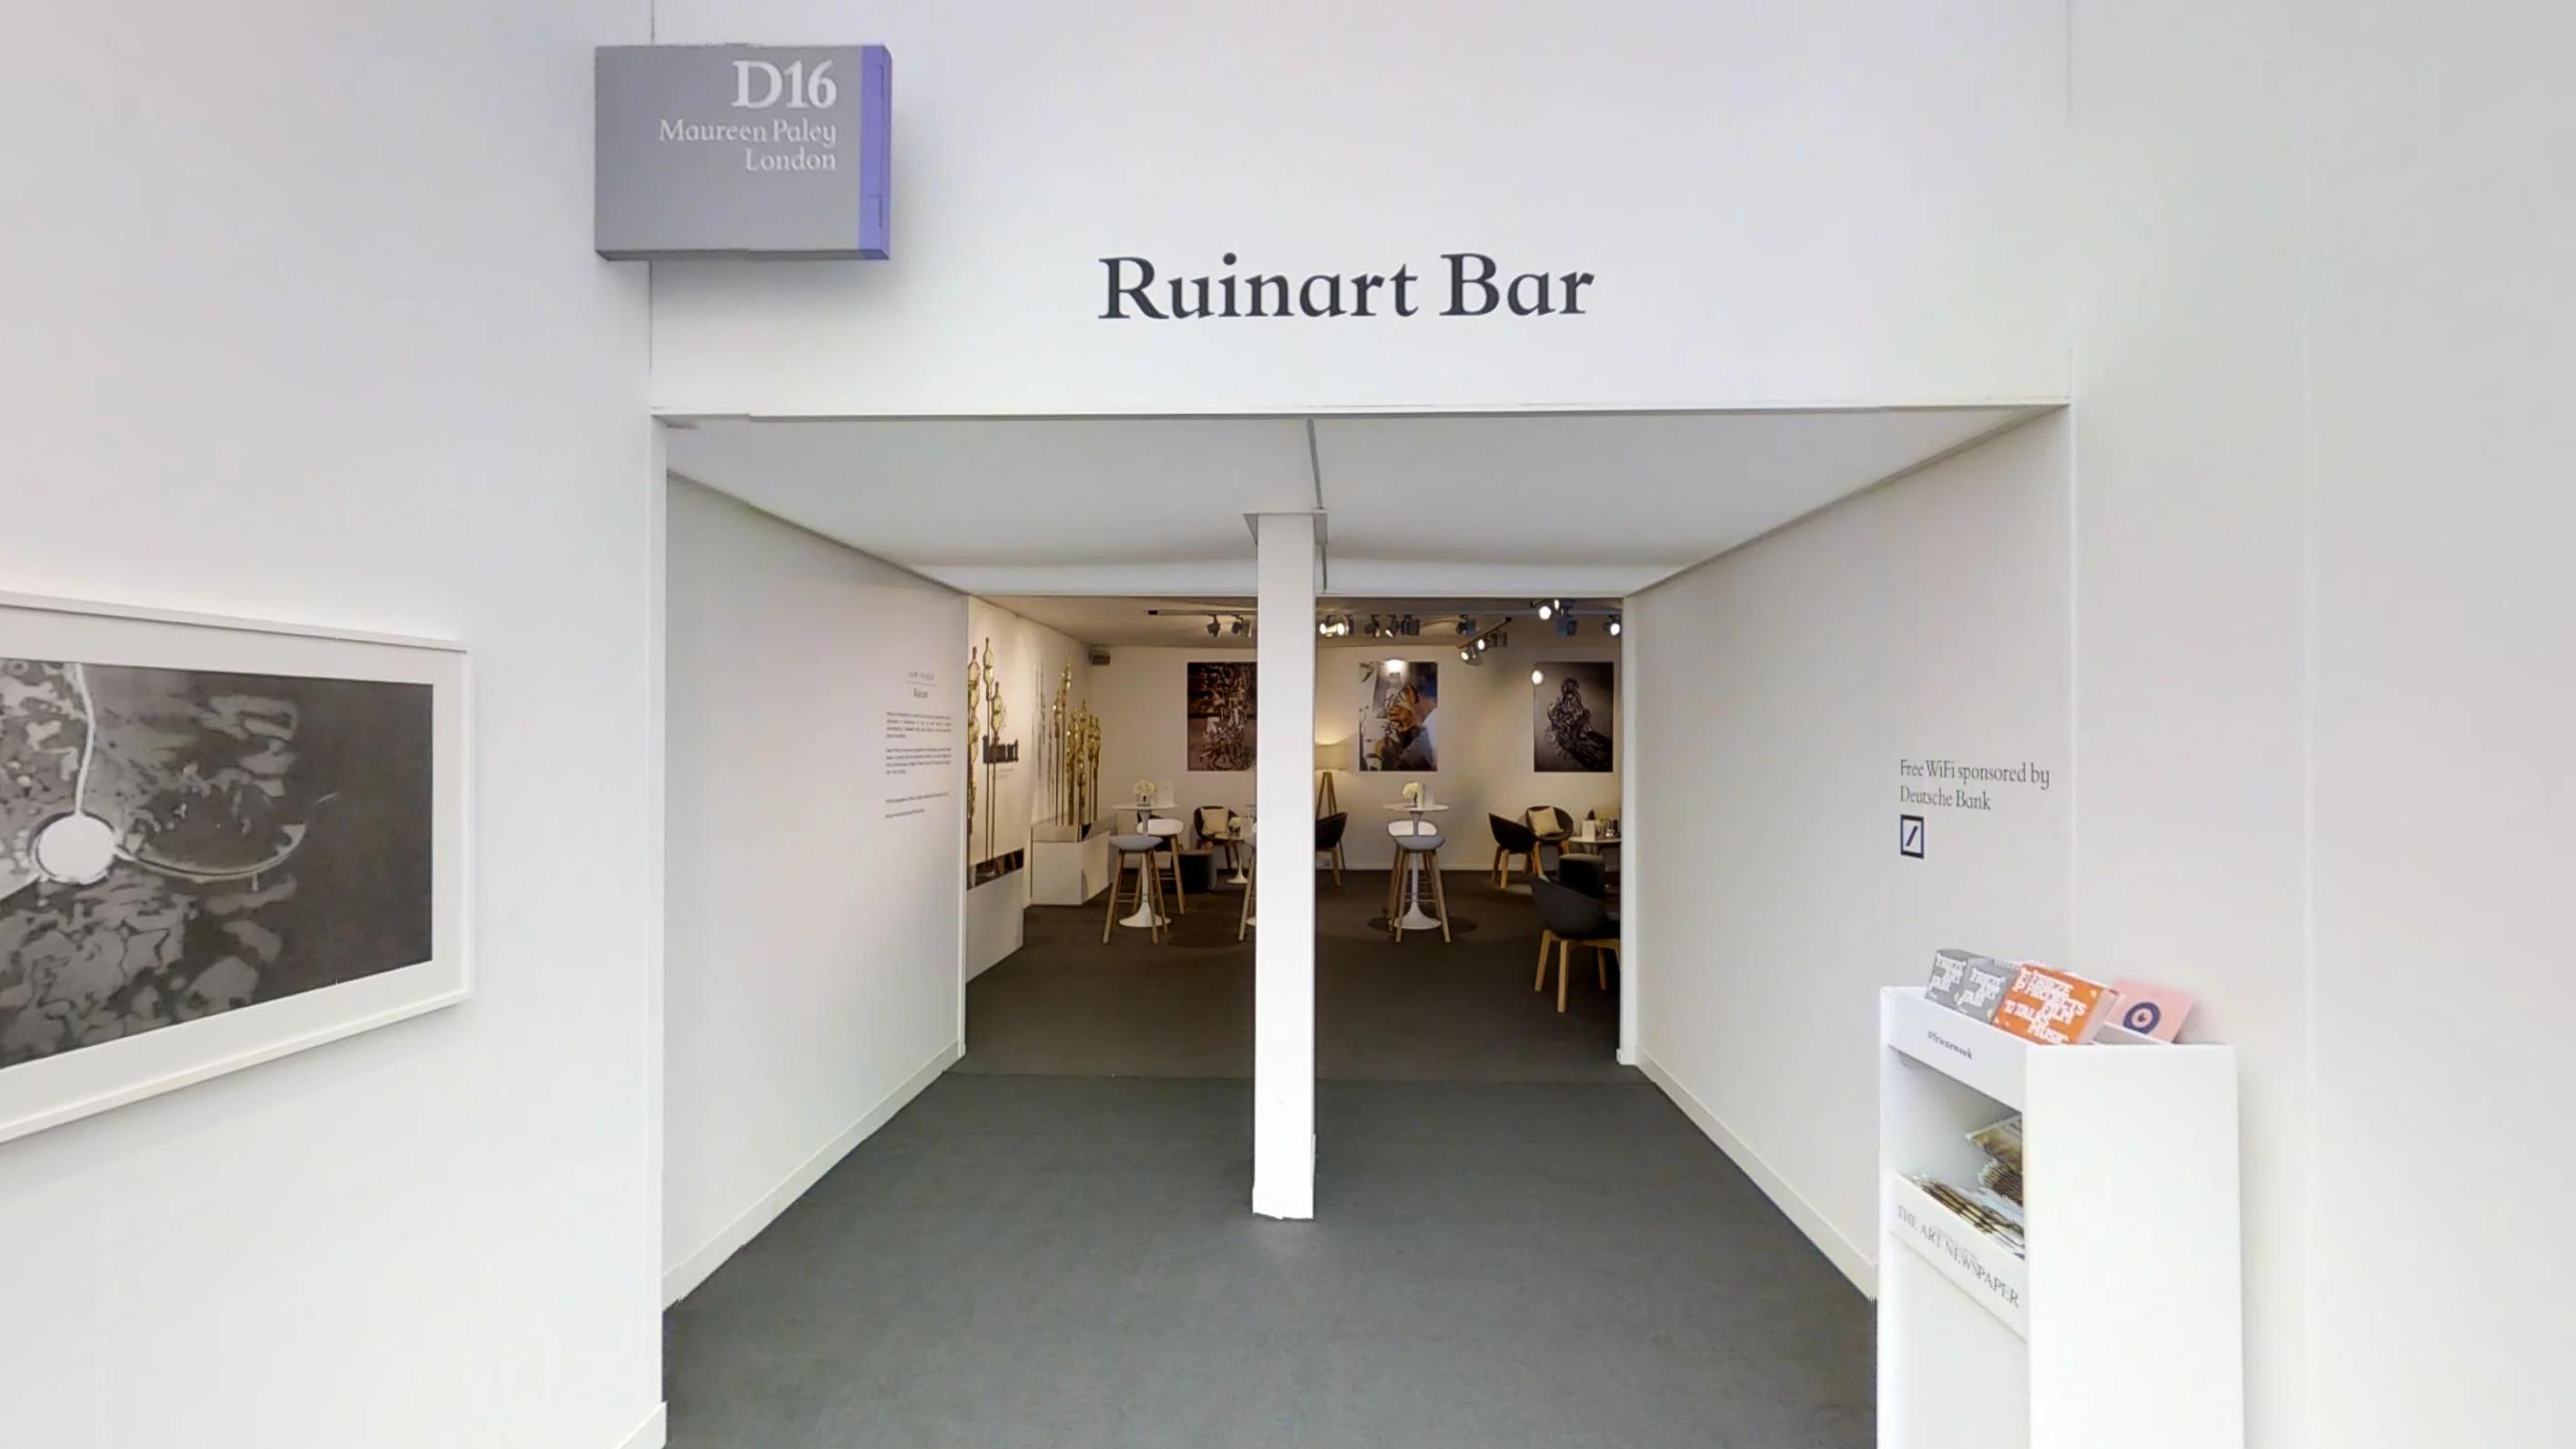 Ruinart Bar